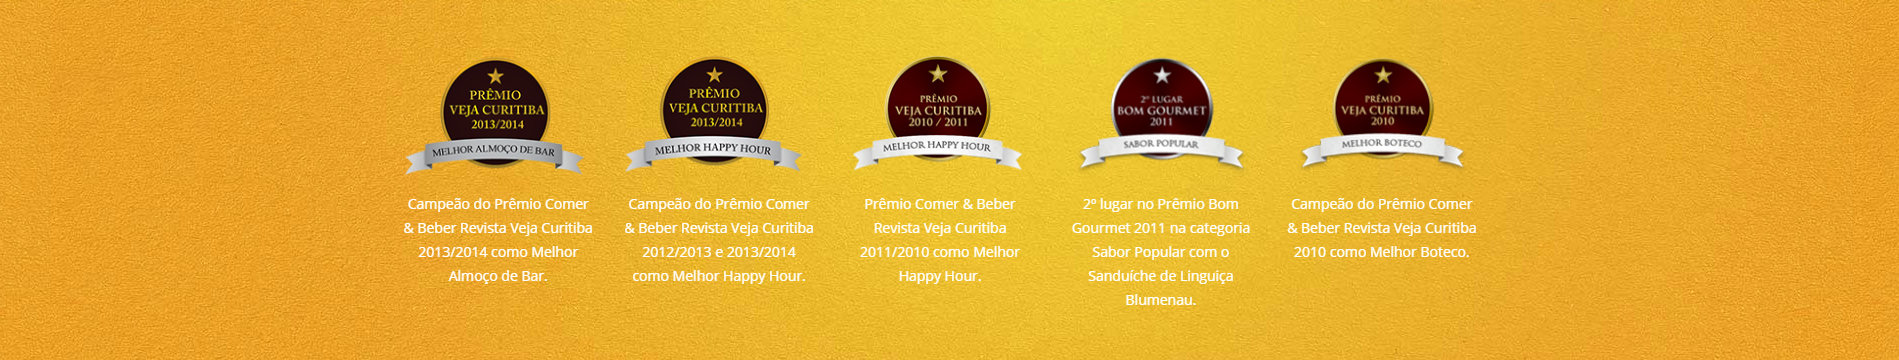 happy hour de boteco, boteco, cnabenta, bar canabenta. cachaçaria